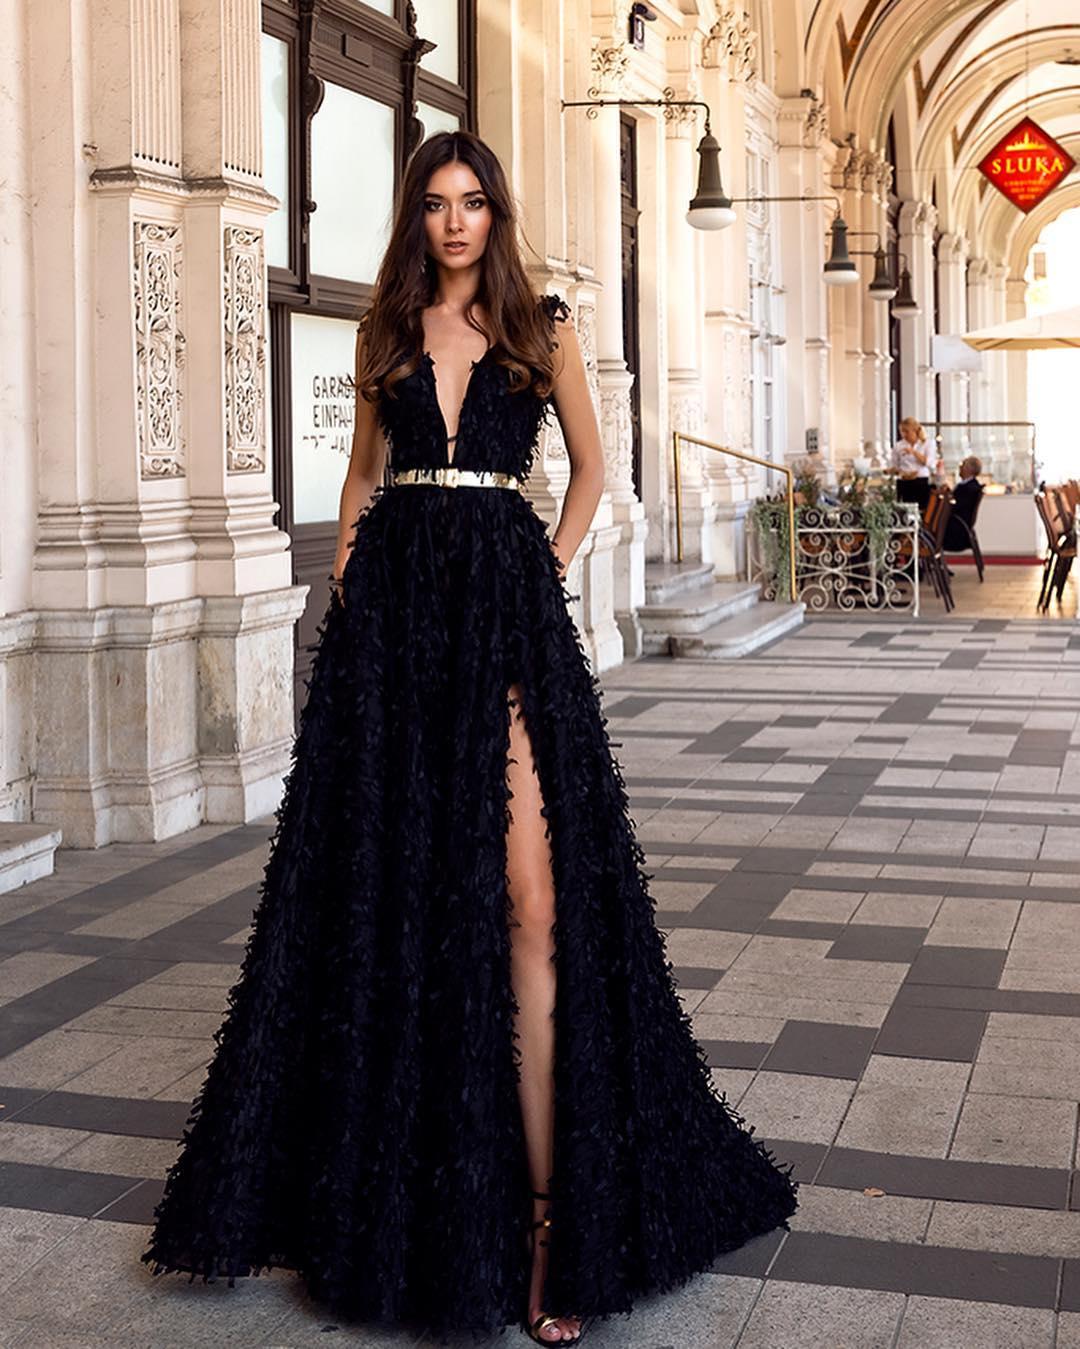 ملابس بنات عرض ازياء فستان سهرة صور فساتين سهره صور ملابس 2020 50